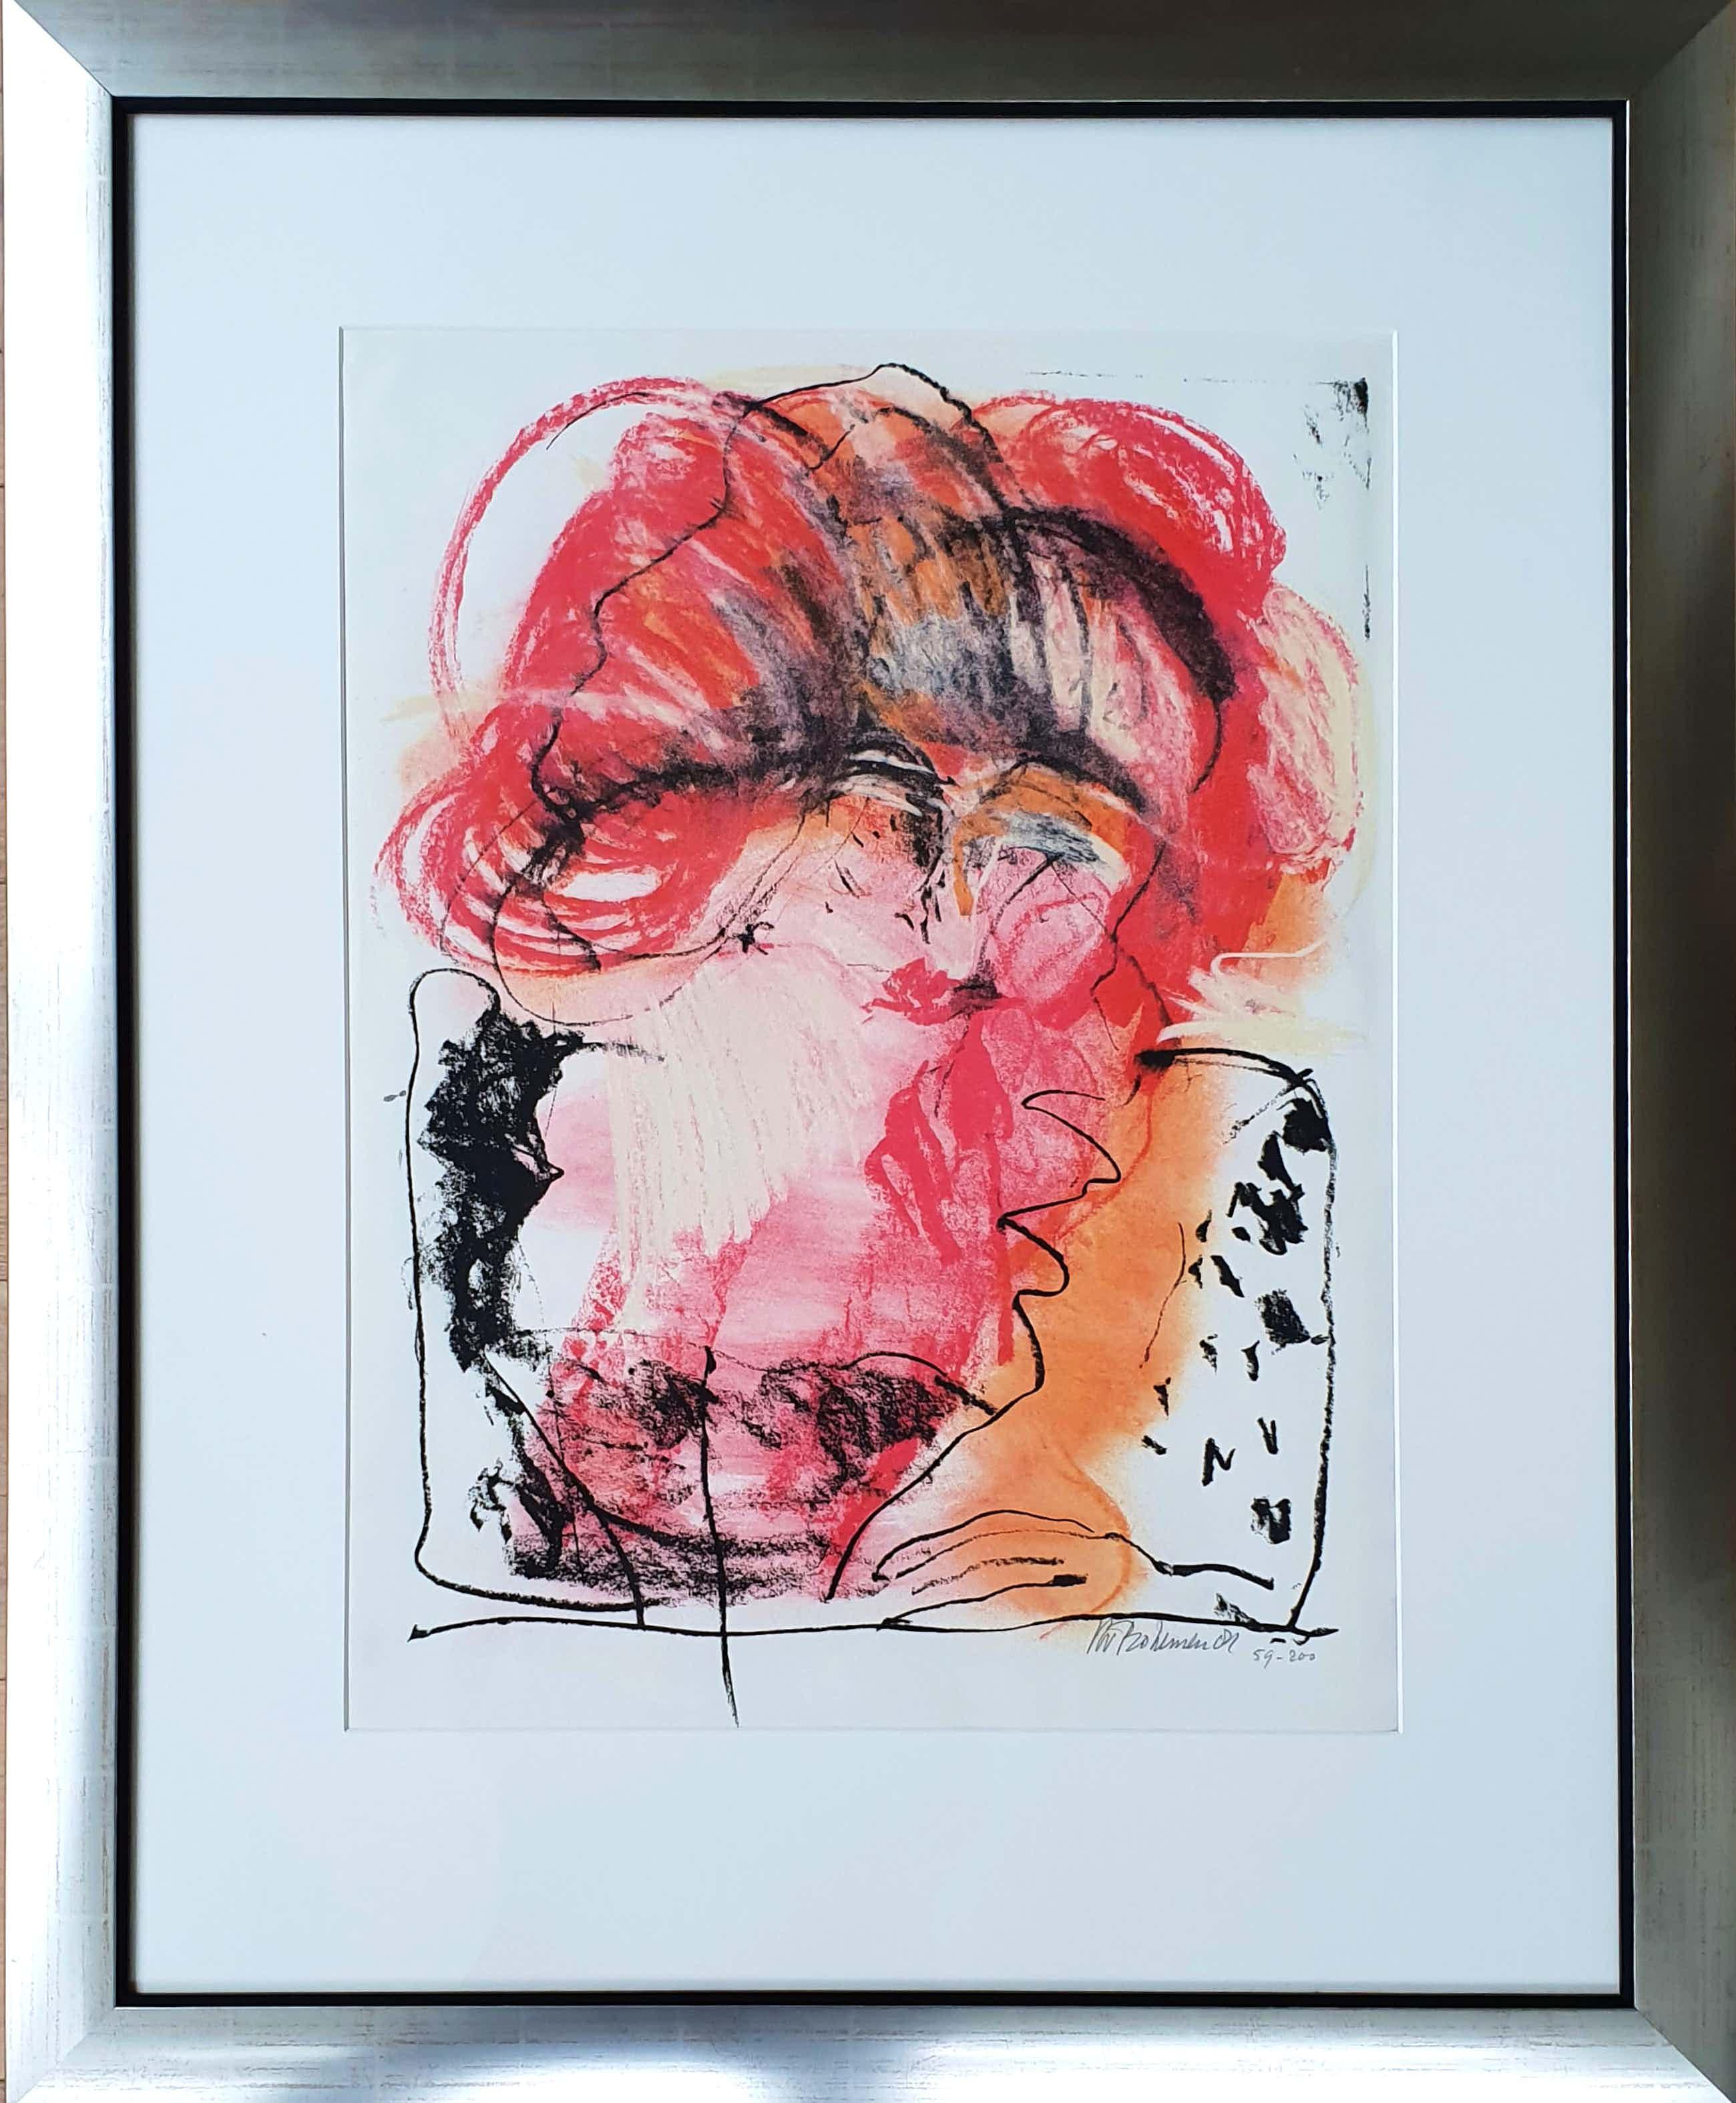 Kees van Bohemen - Litho, Vrouw met rood haar - Ingelijst (Groot) kopen? Bied vanaf 180!